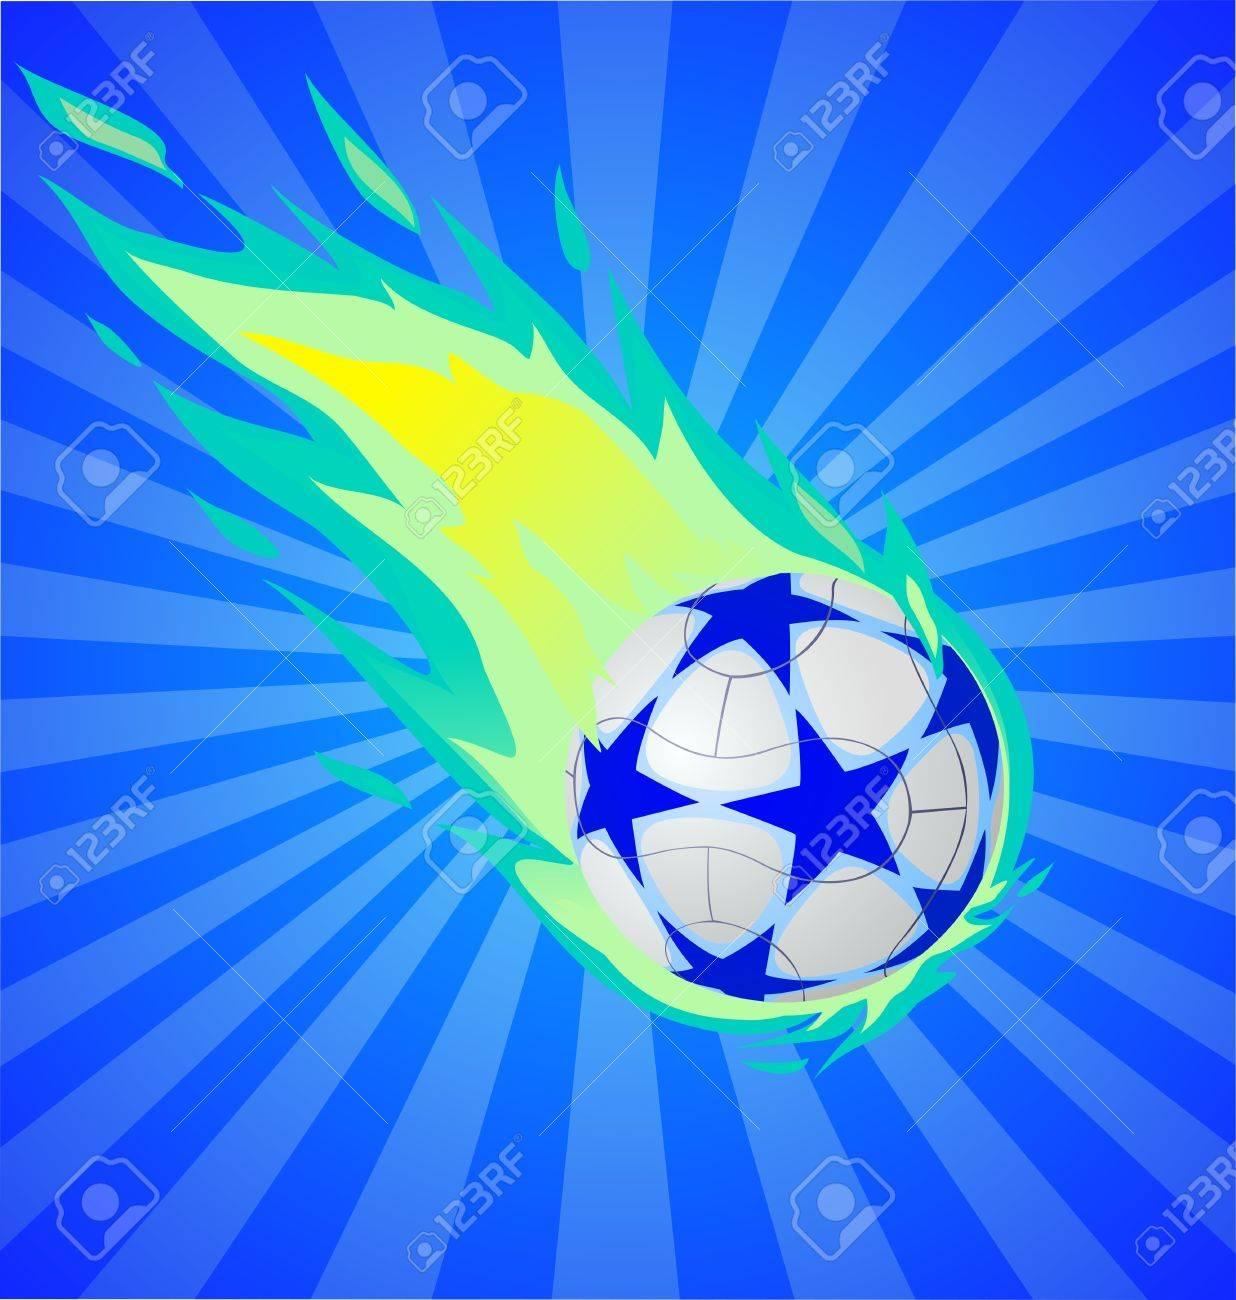 Balón De Fútbol Ardiente Sobre El Fondo Azul 7dddd43136d24